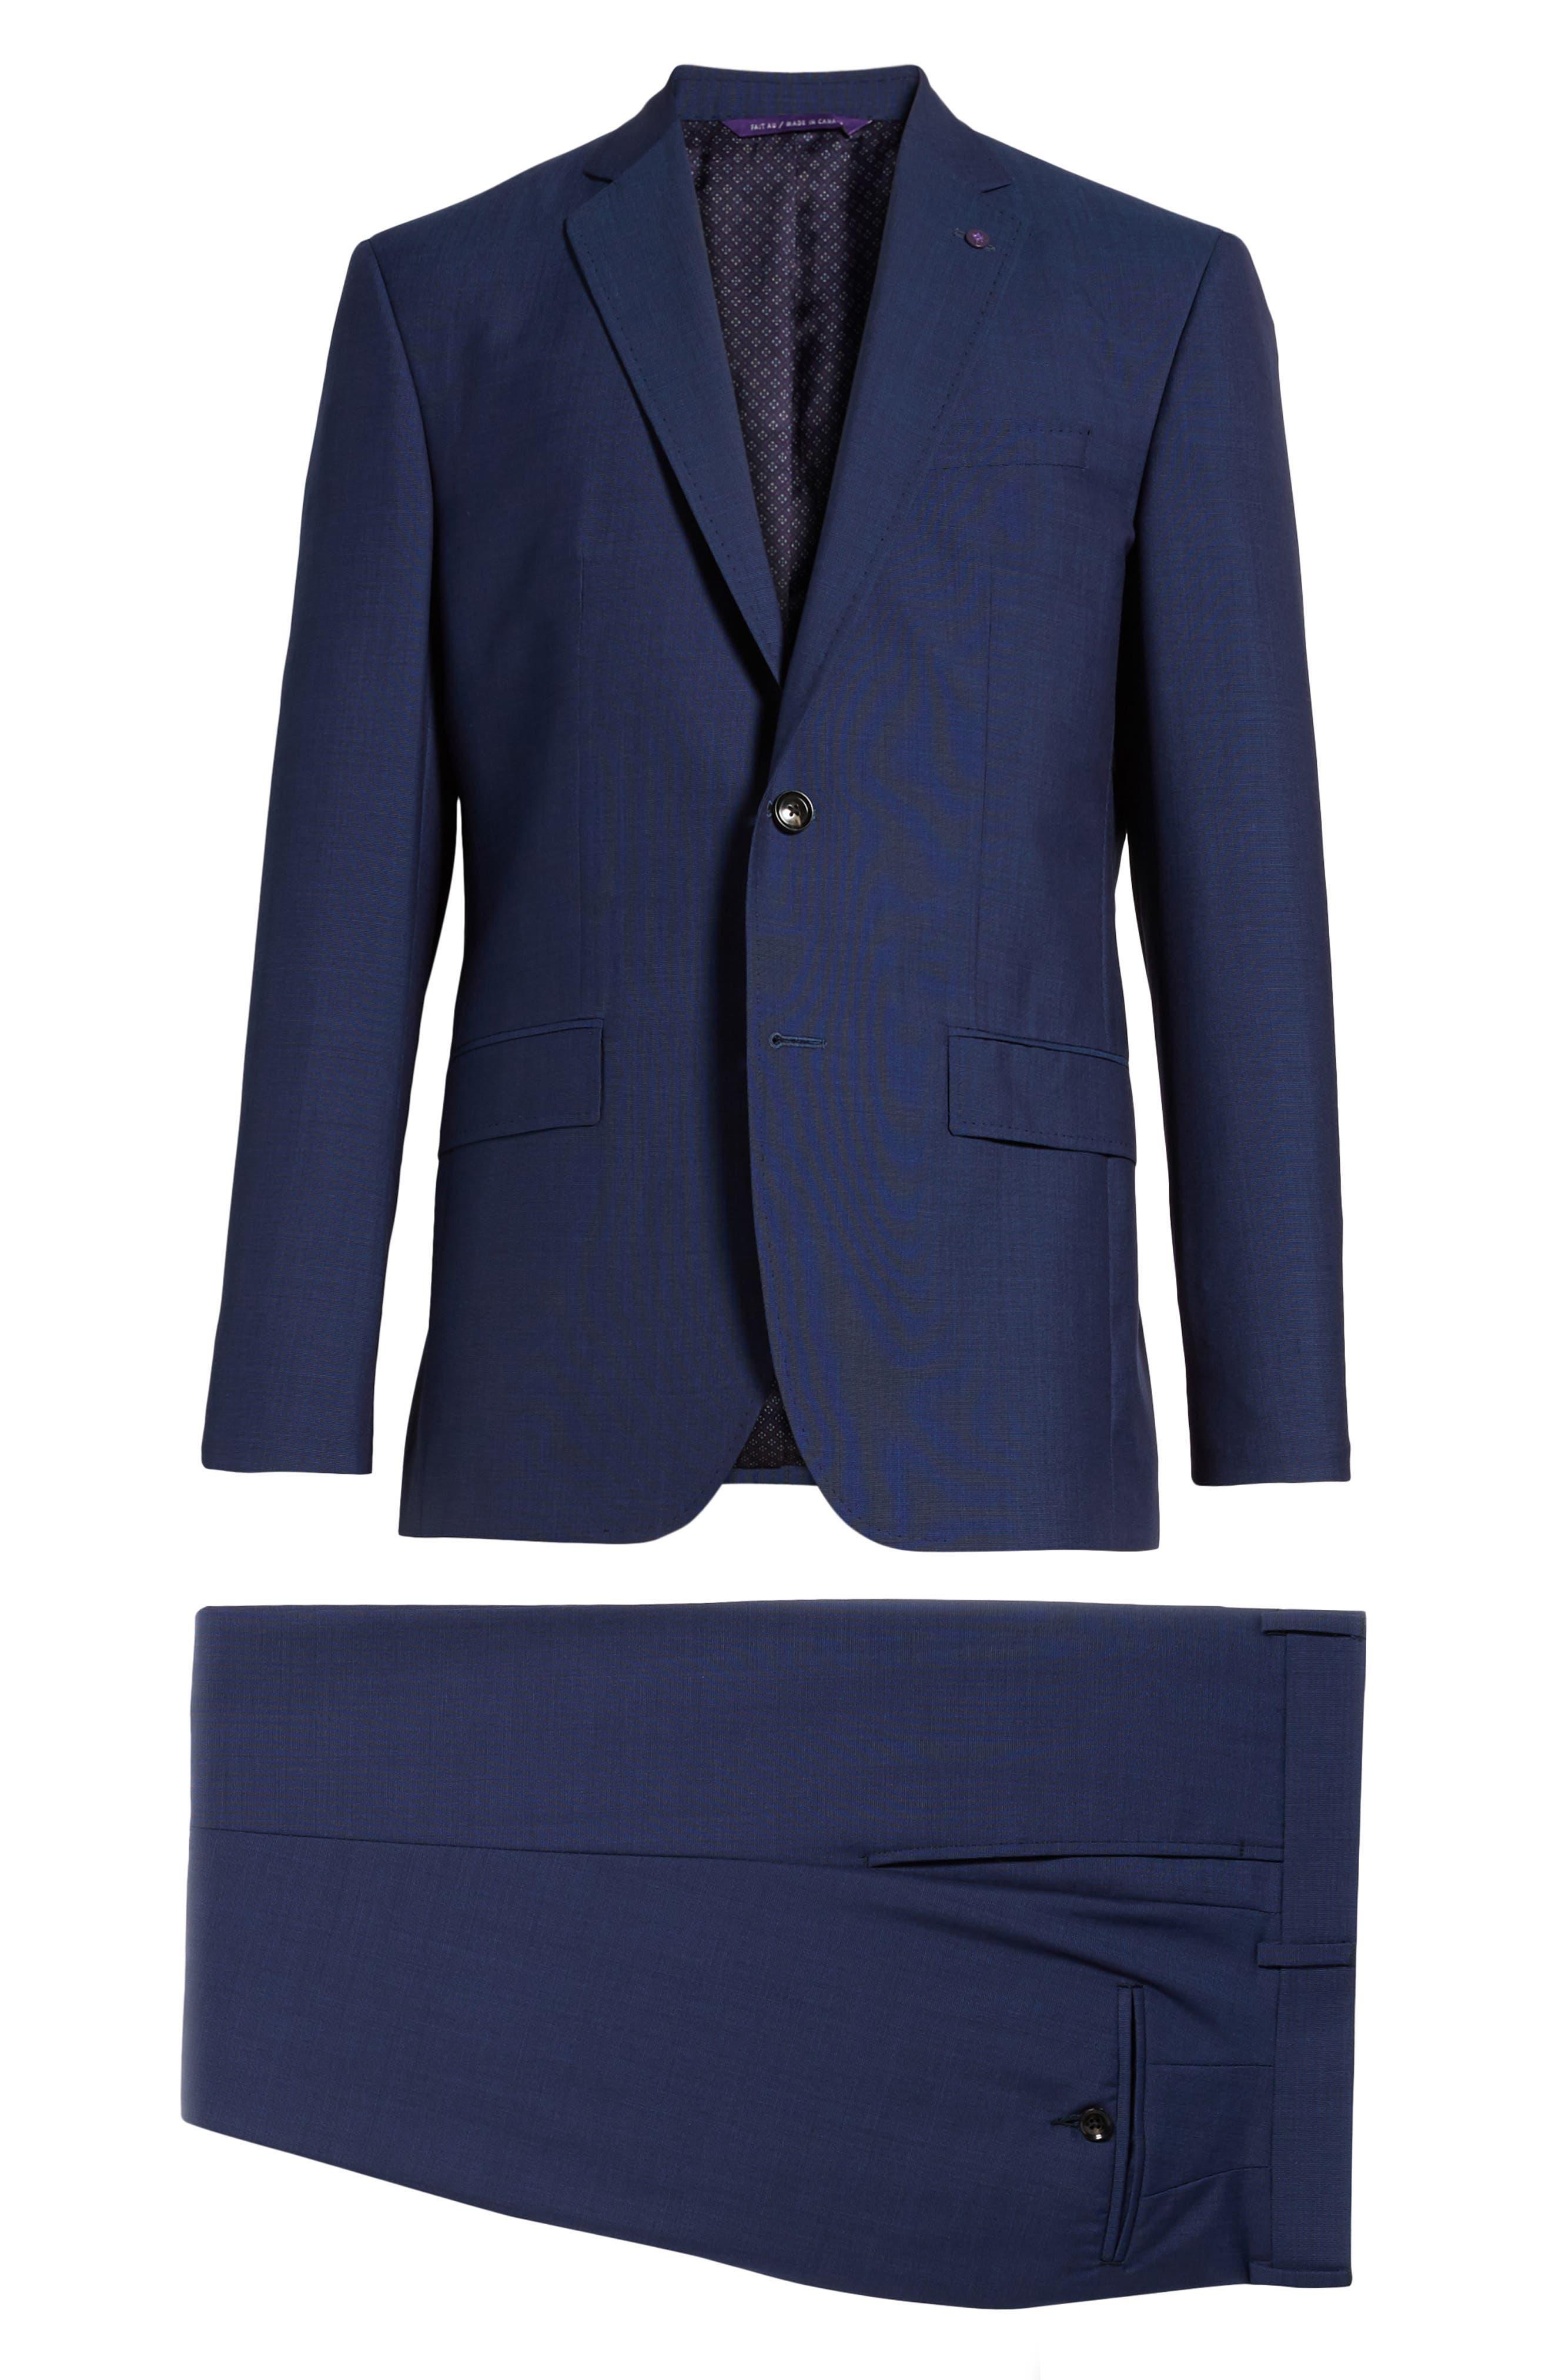 TED BAKER LONDON, Jay Trim Fit Suit, Alternate thumbnail 8, color, BLUE